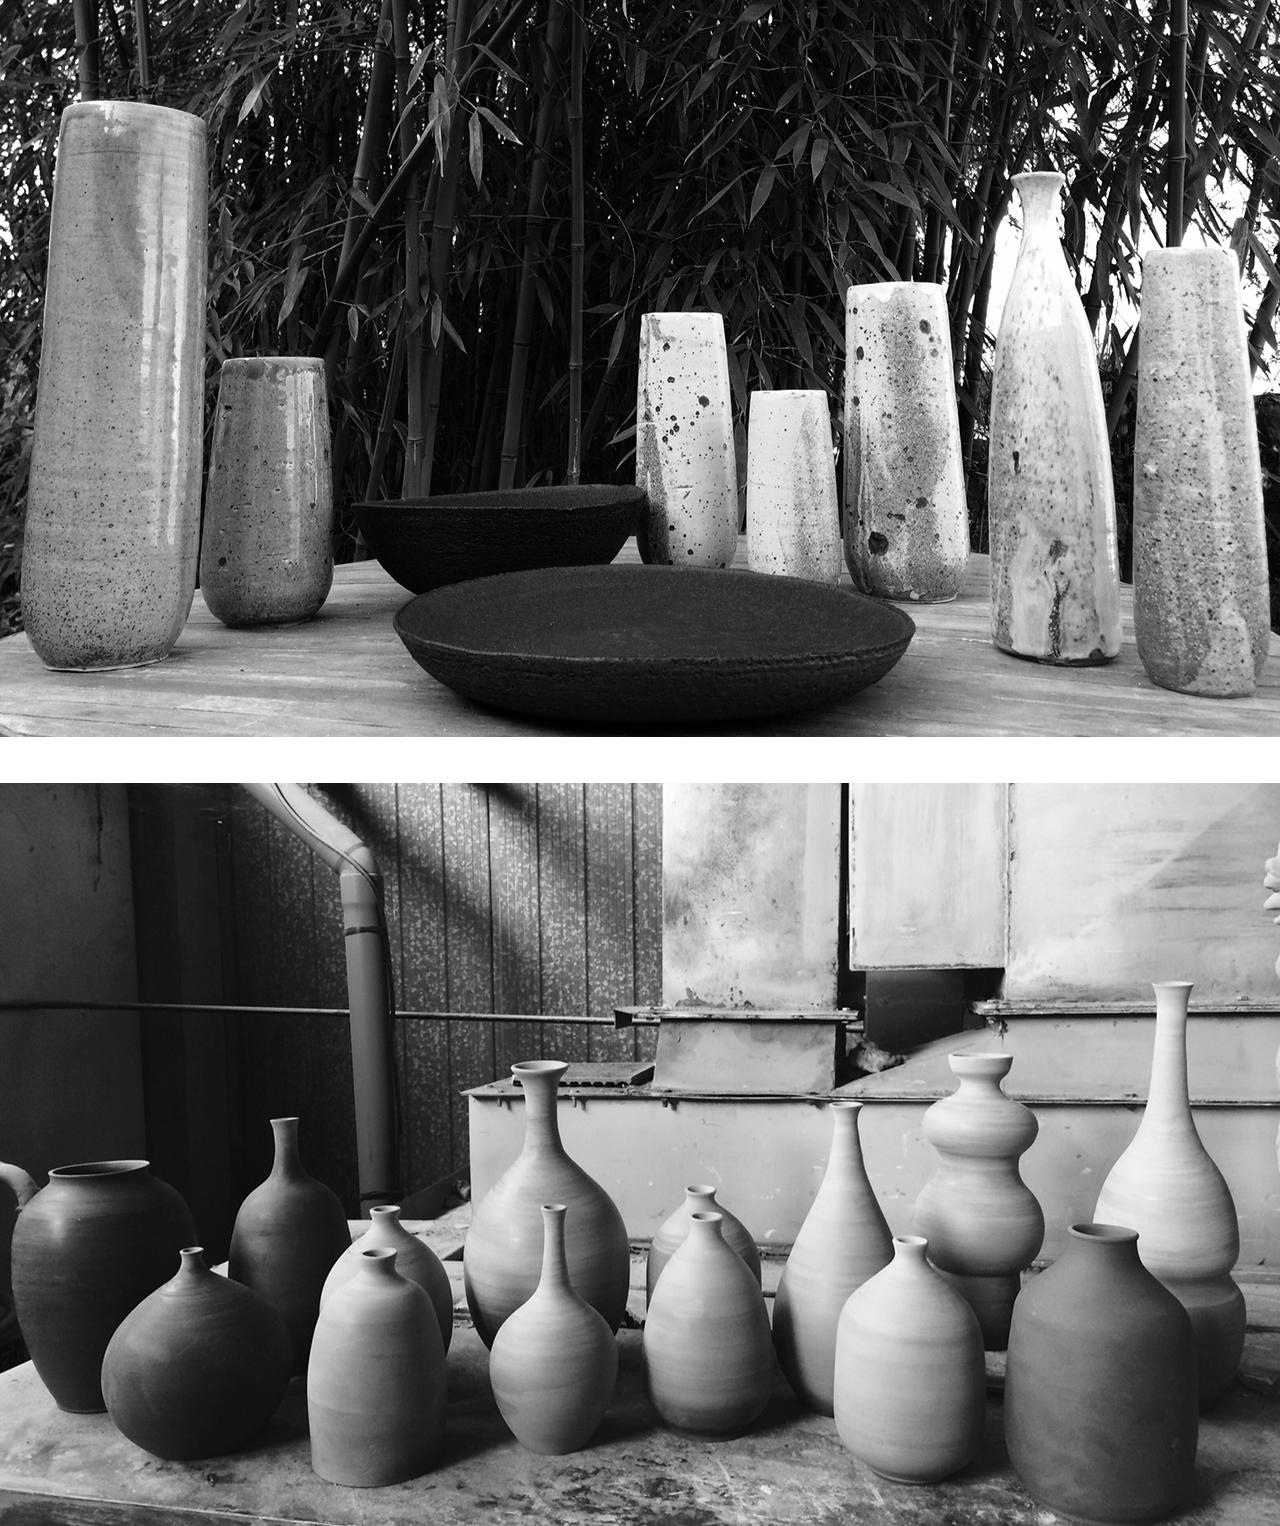 vases grès technique de tournage fait main cours de poterie céramique